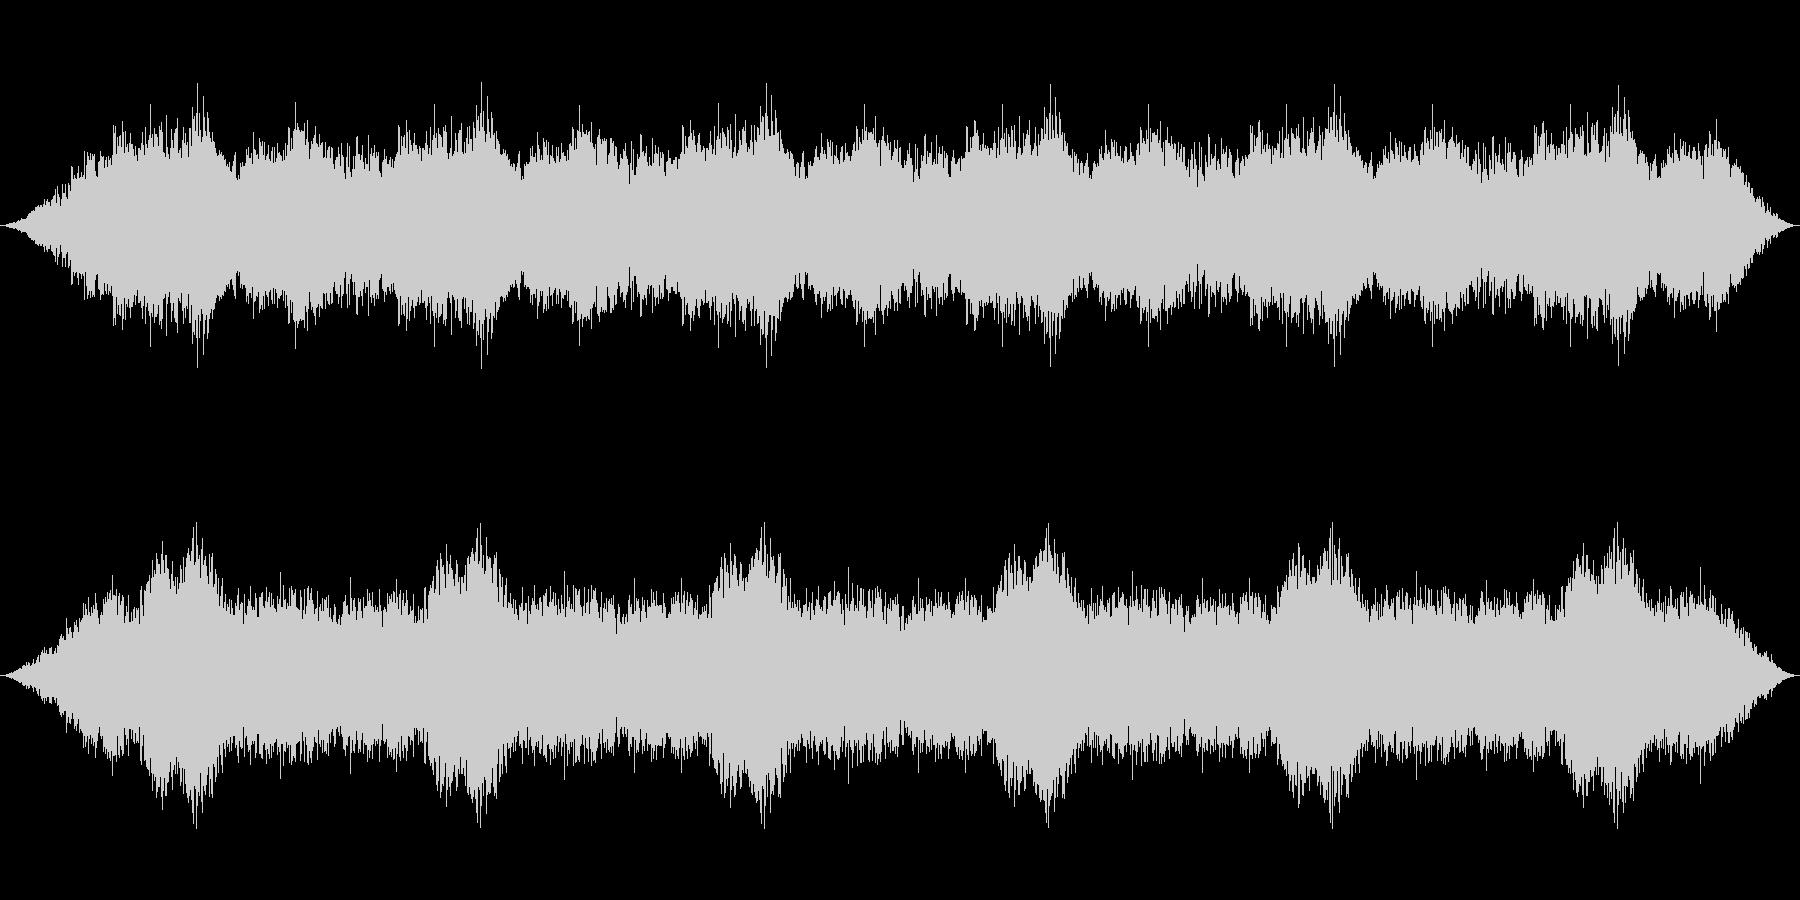 腐海の森の環境音楽の未再生の波形